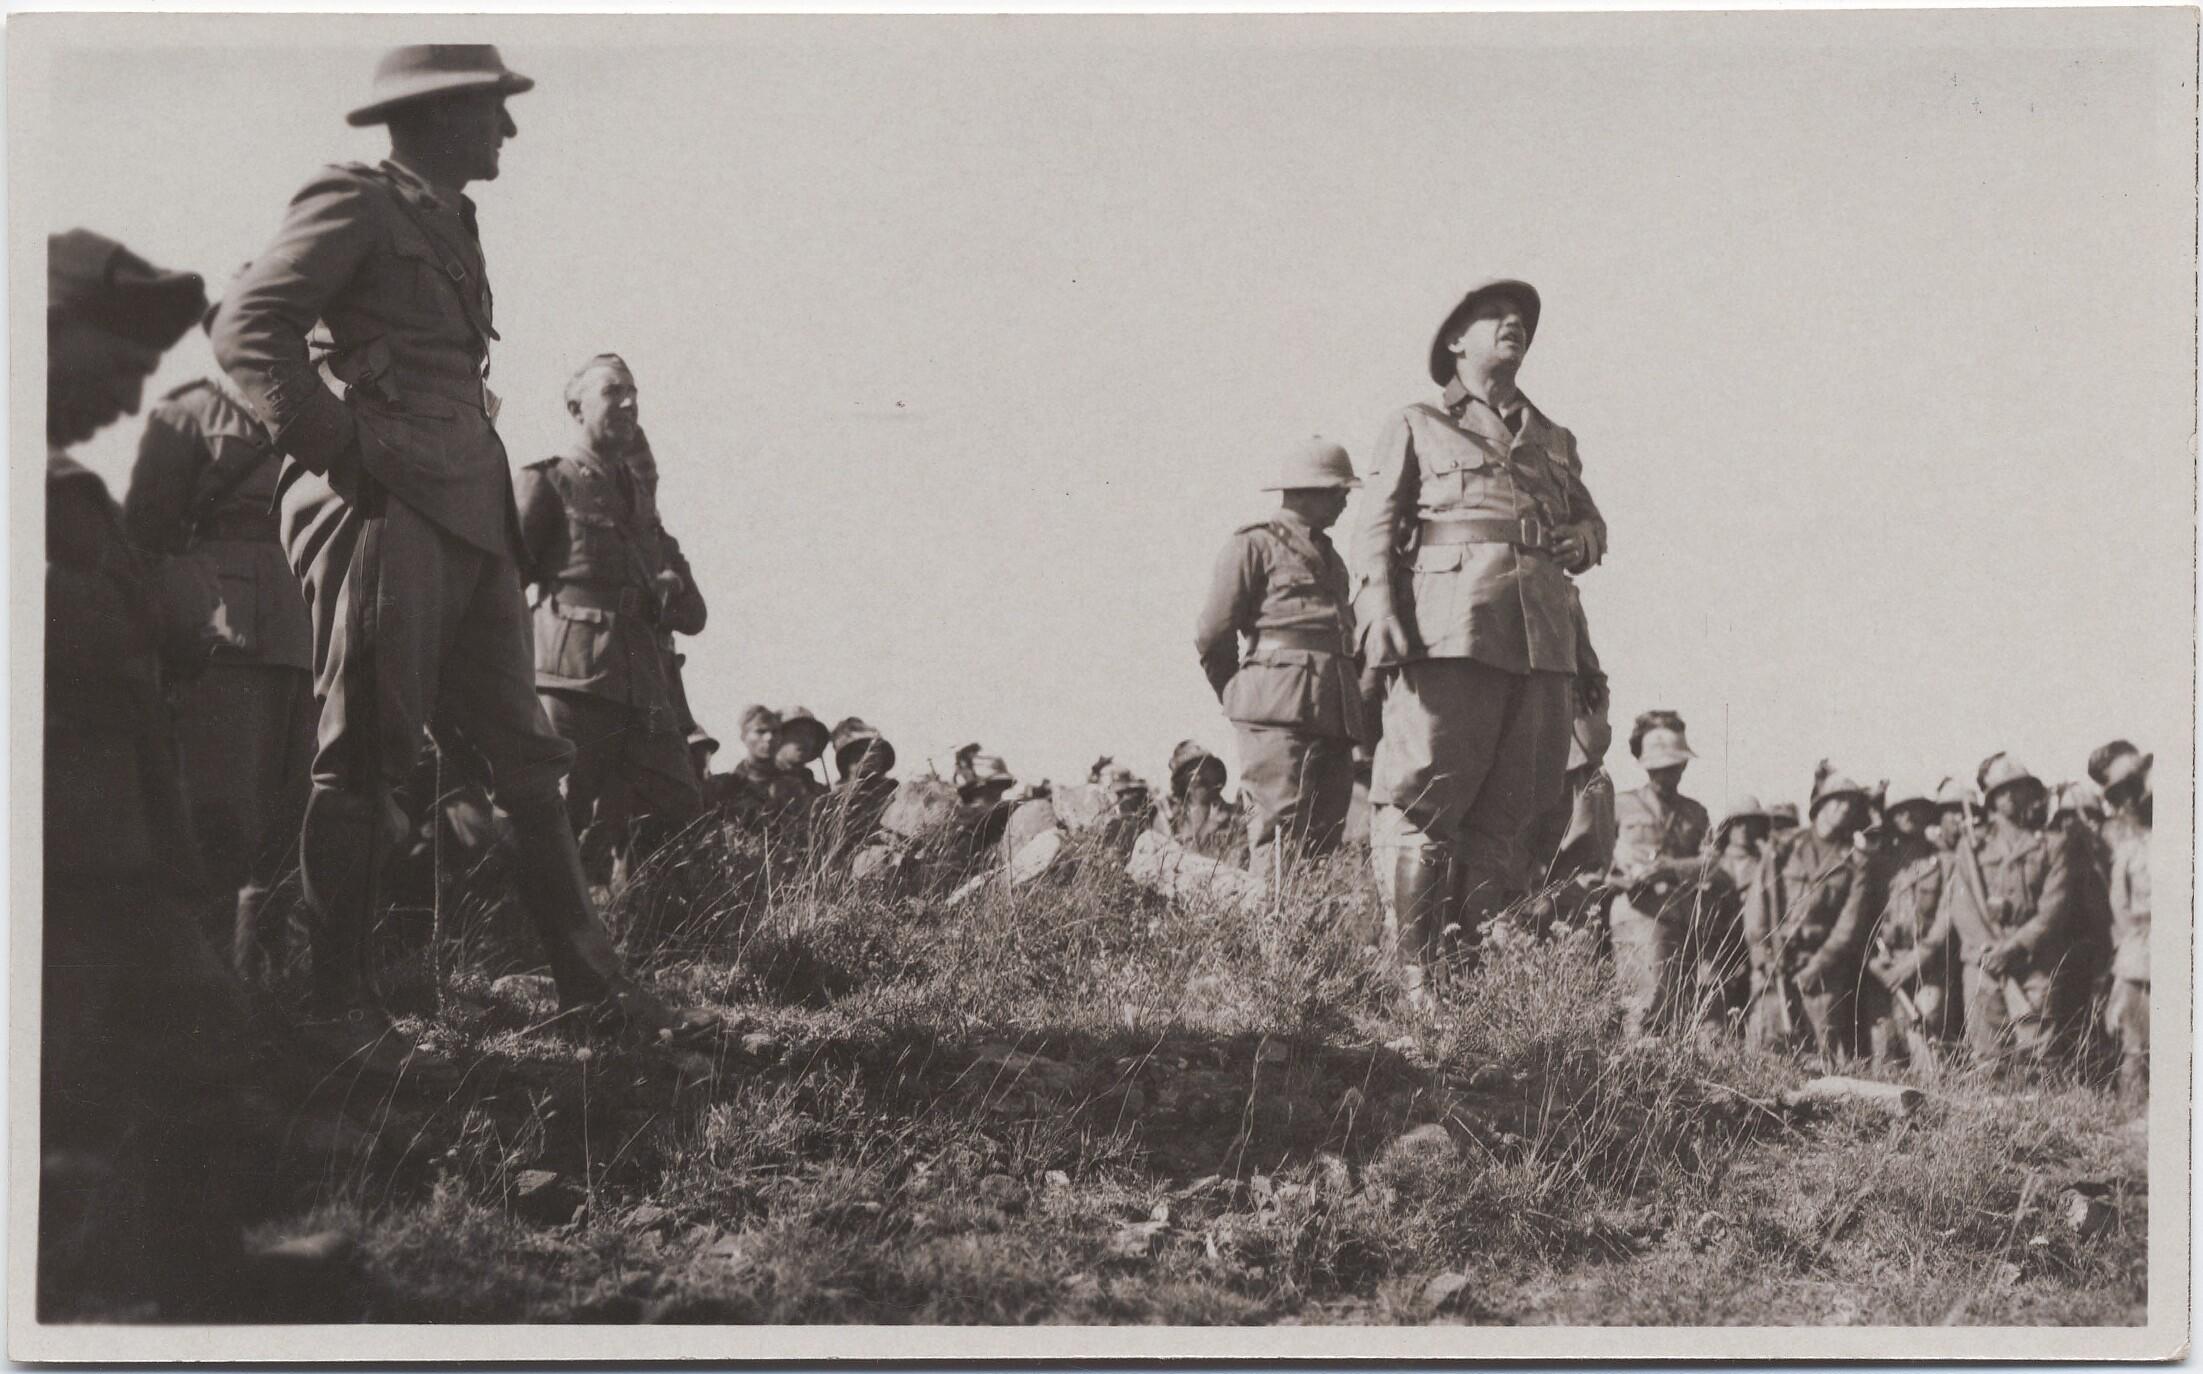 1936. Филиппо Томмазо Маринетти выступает перед солдатами во время войны в Эфиопии